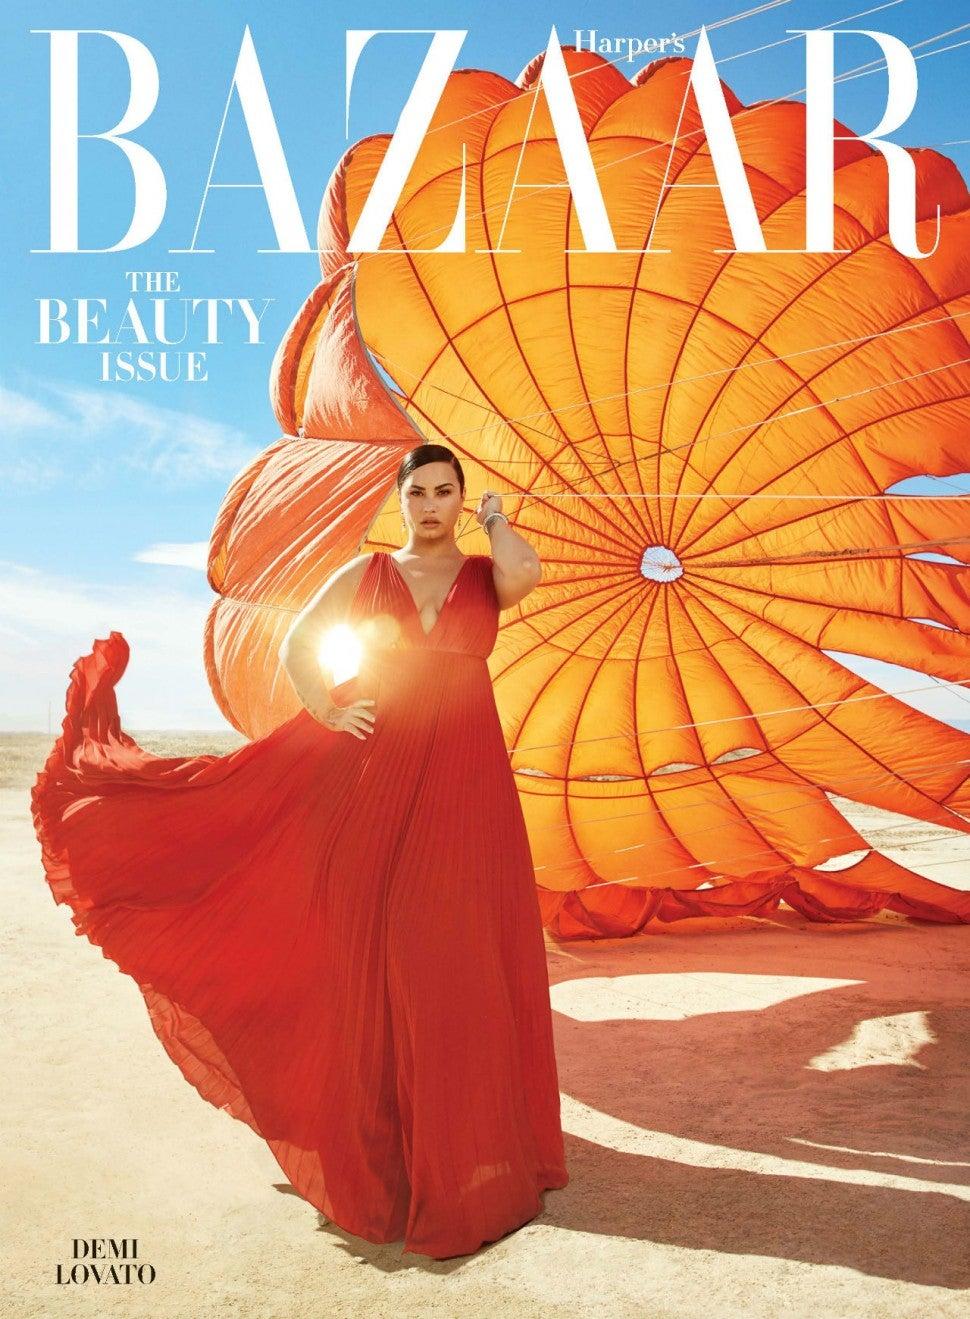 Demi Lovato in 'Harper's Bazaar'